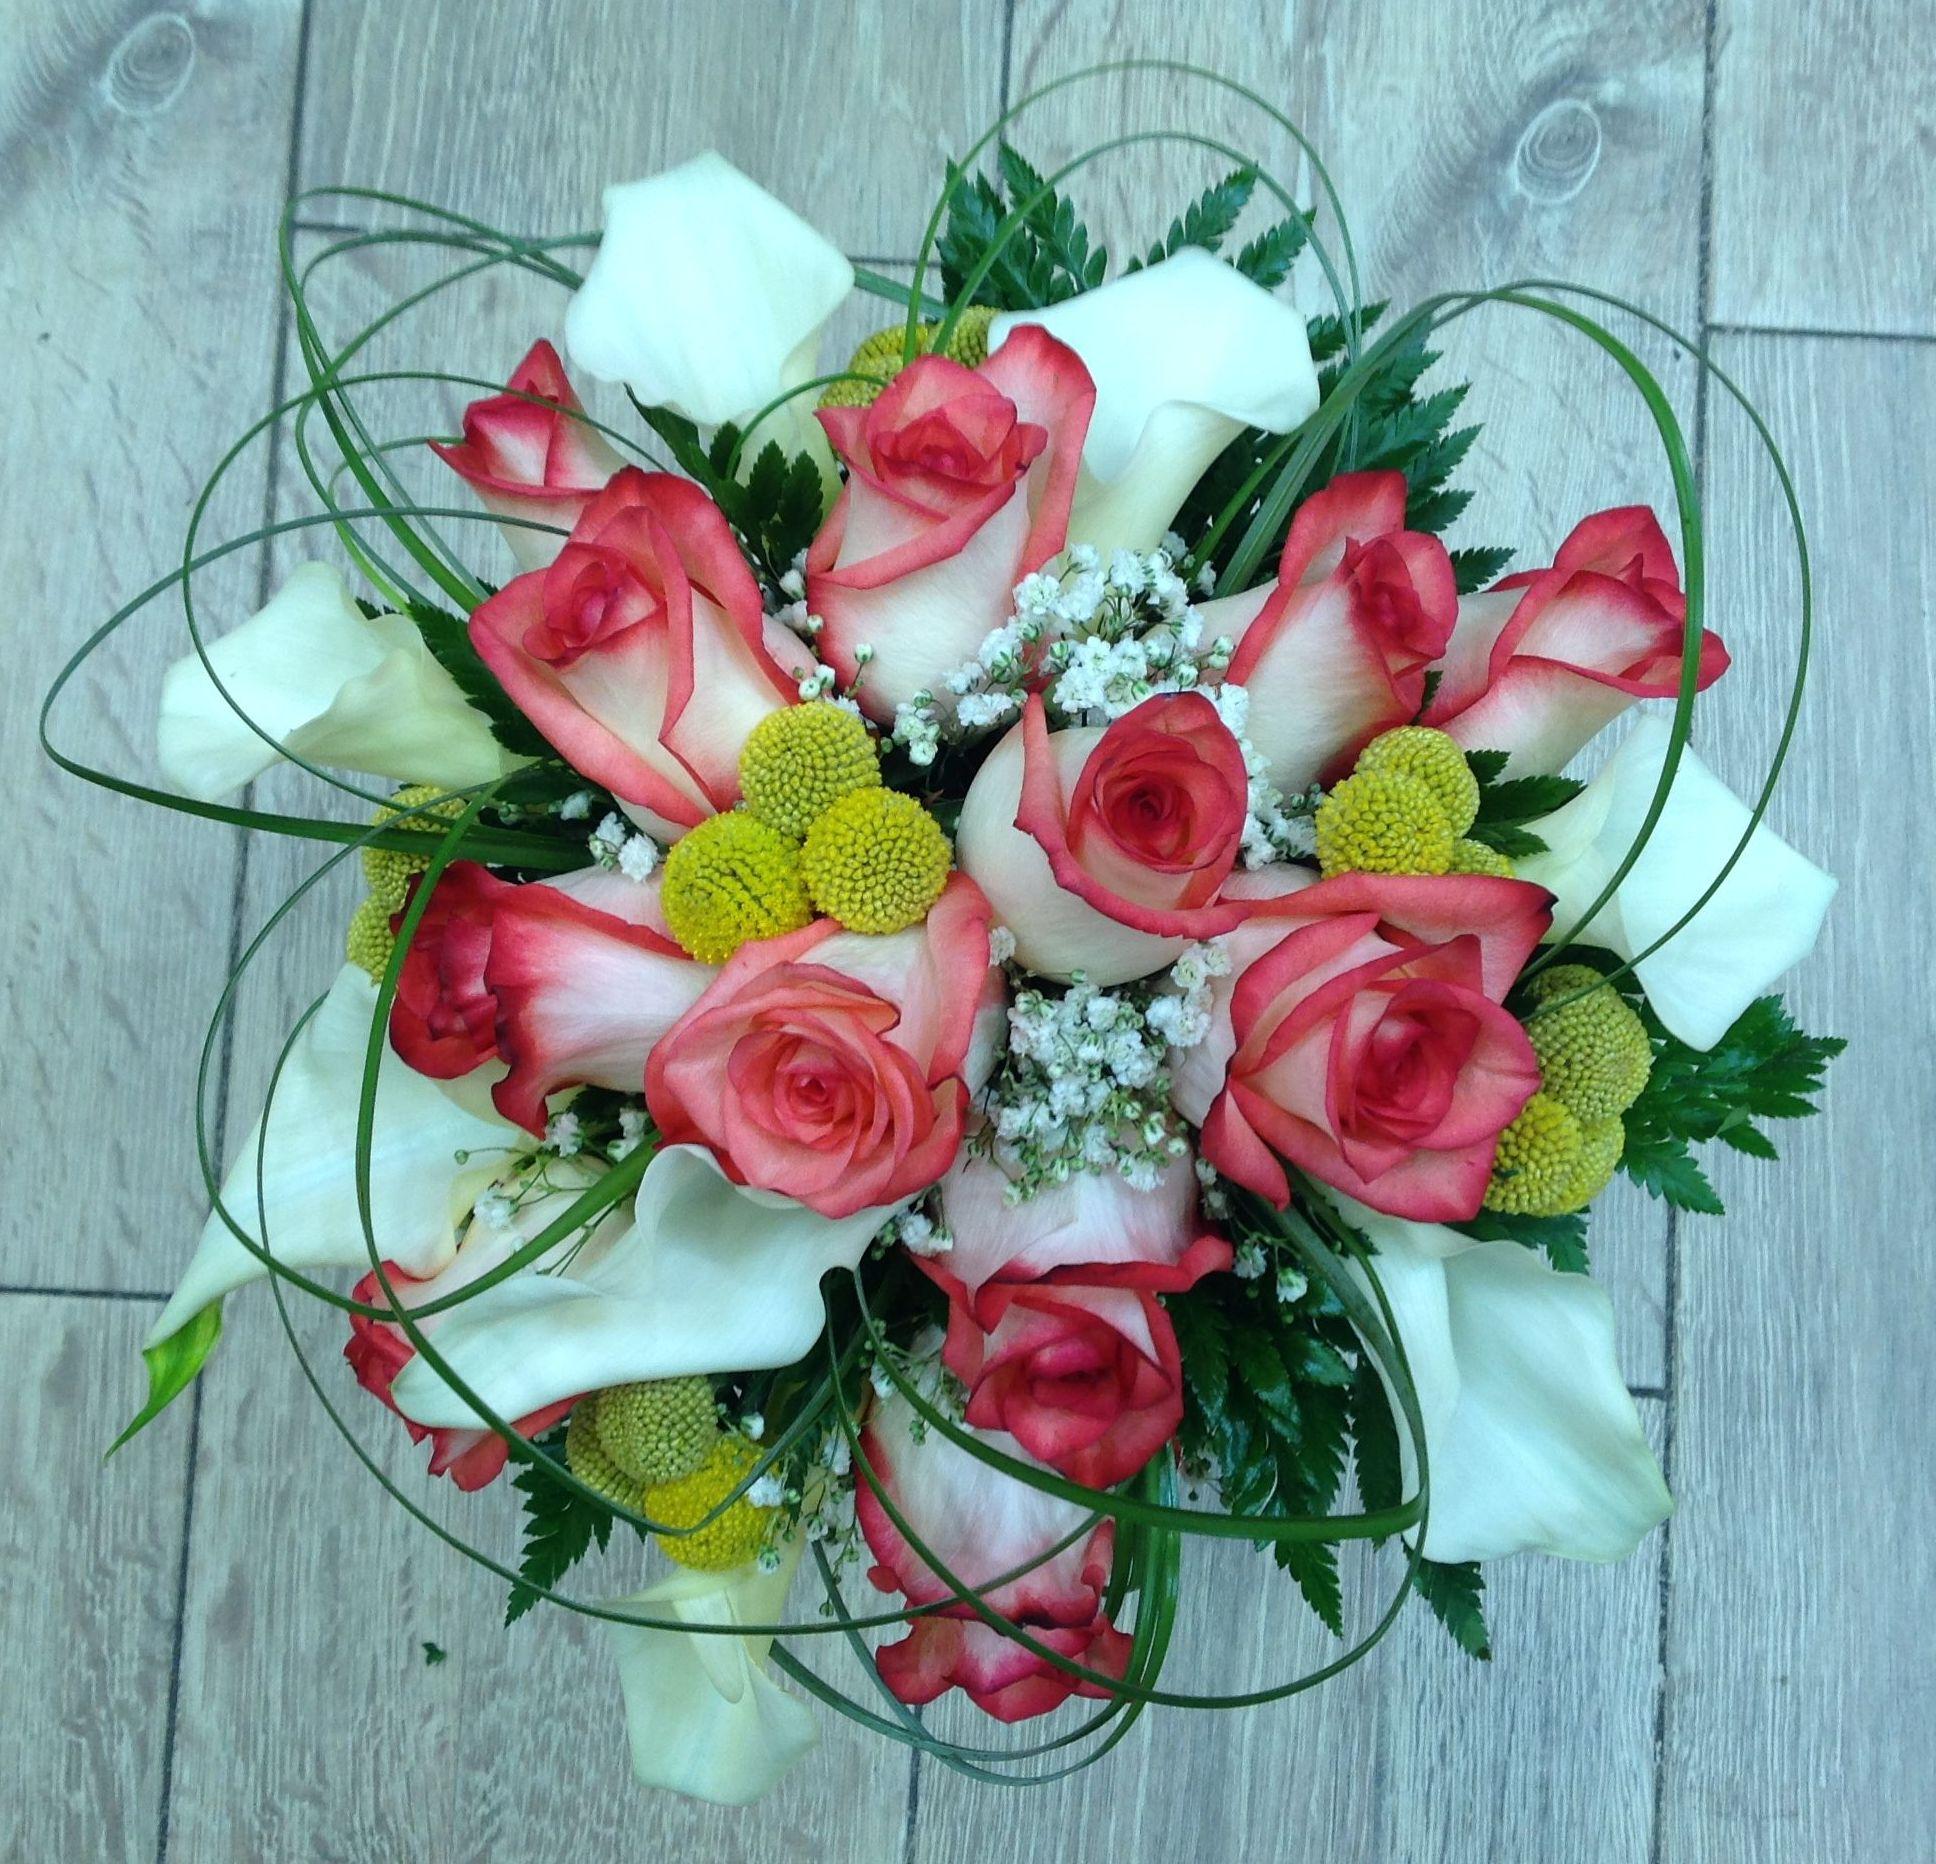 Buquet de rosas: PRODUCTOS Y SERVICIOS  de Floristería Contreras - BARTOLOMÉ CONTRERAS